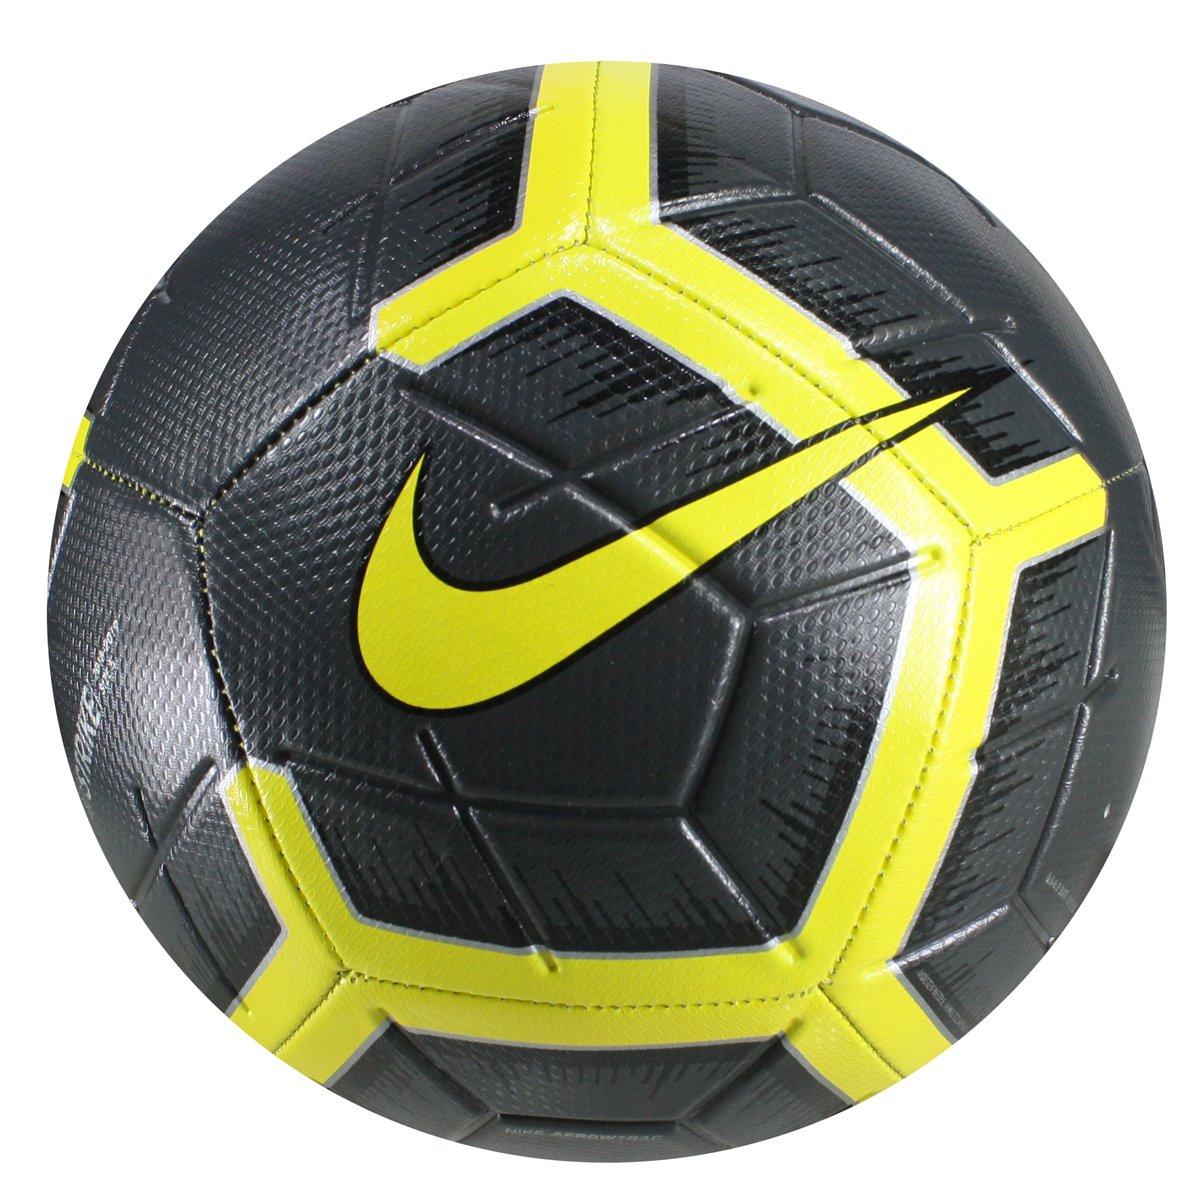 2e3e0385d5 Bola Campo Nike Strike SC3310-060 - Preto Amarelo - Calçados Online ...